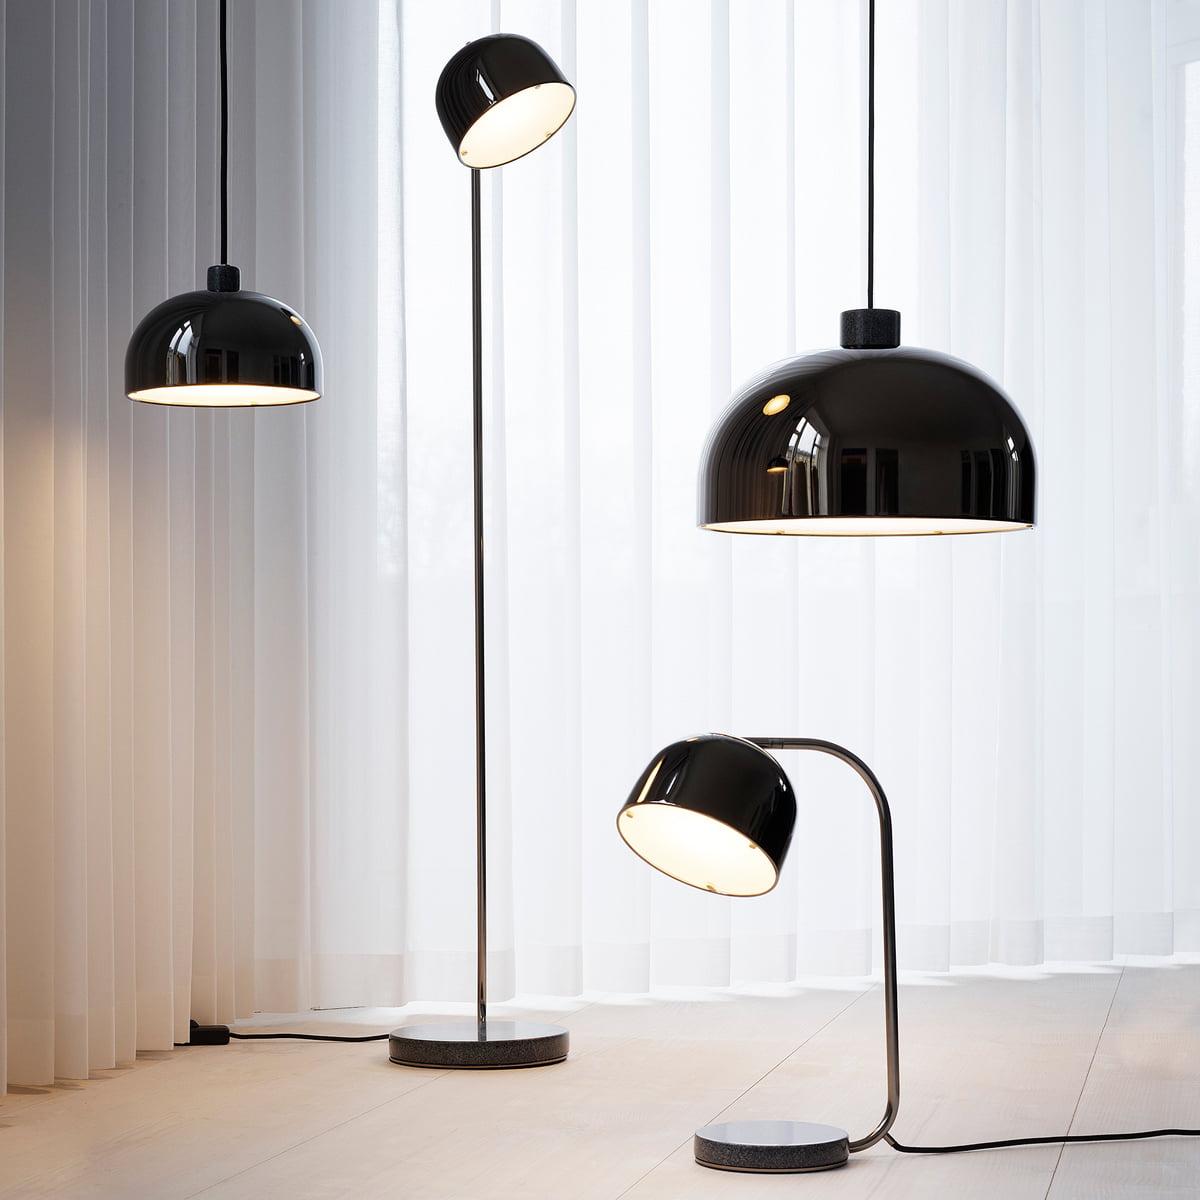 Grant Leuchten Serie Von Normann Copenhagen